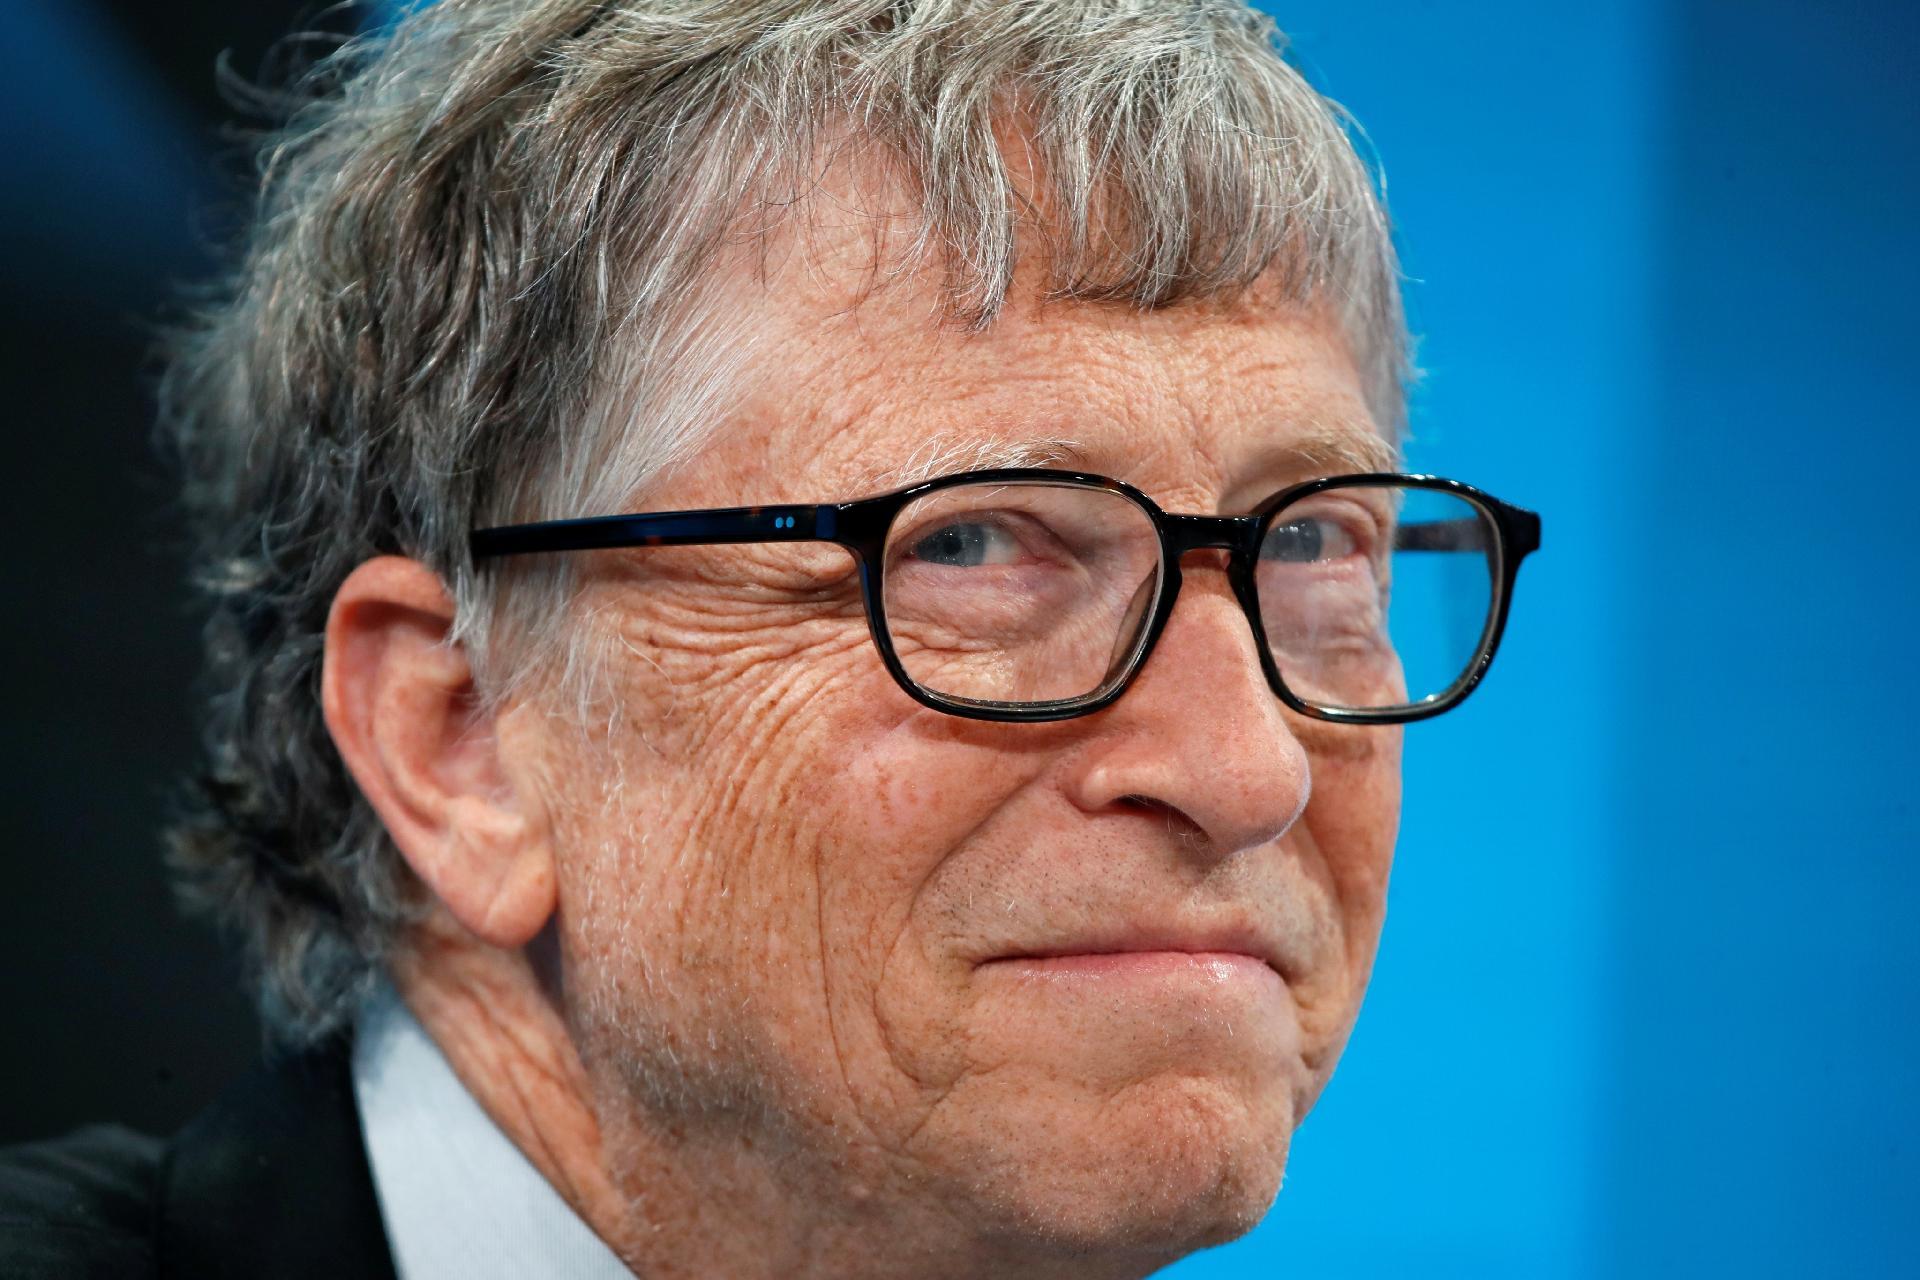 Bill Gates anuncia que vai se afastar da diretoria da Microsoft -  13/03/2020 - UOL TILT